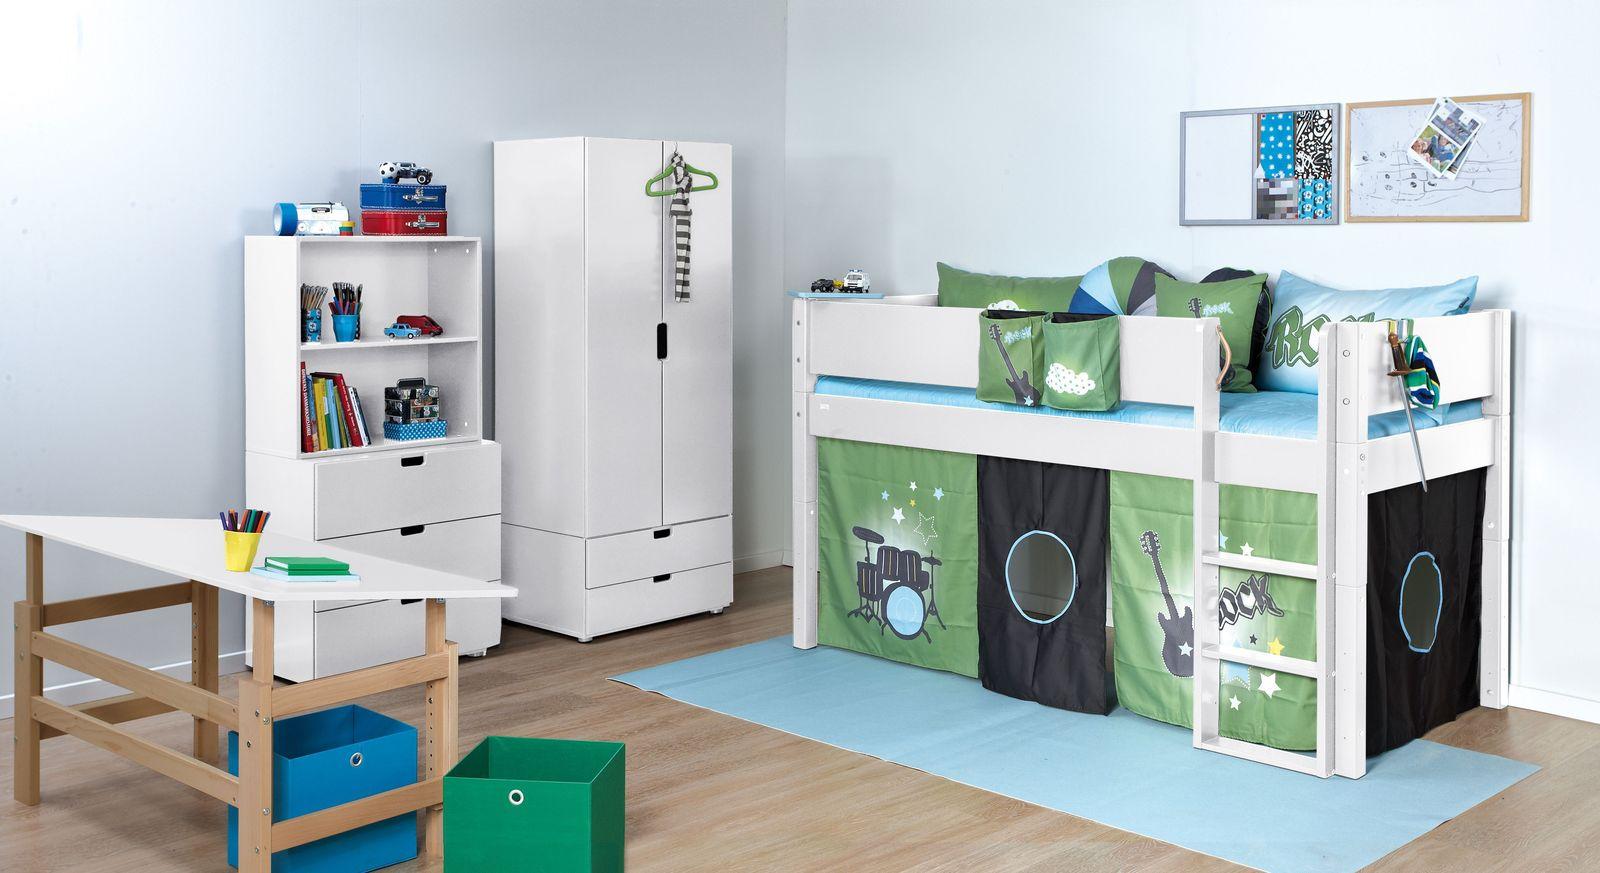 Passende Produkte zum Kleiderschrank Kids Town